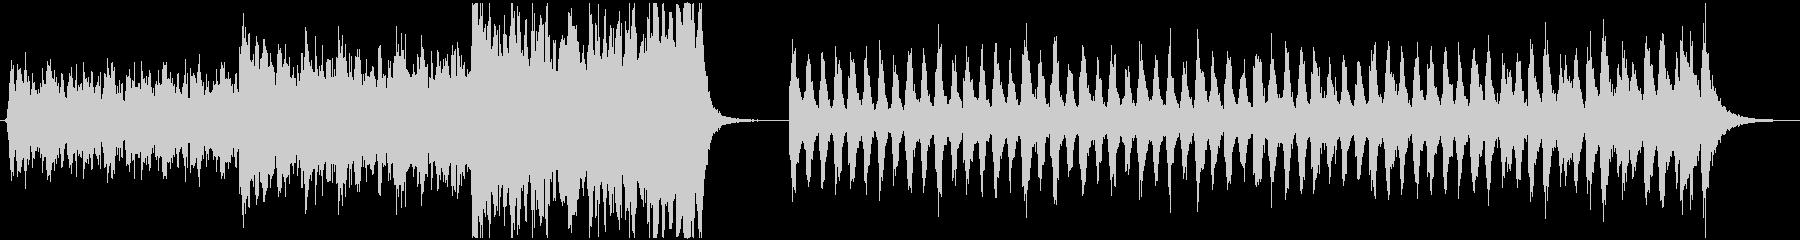 2つの緊張感・エピックオーケストラの未再生の波形